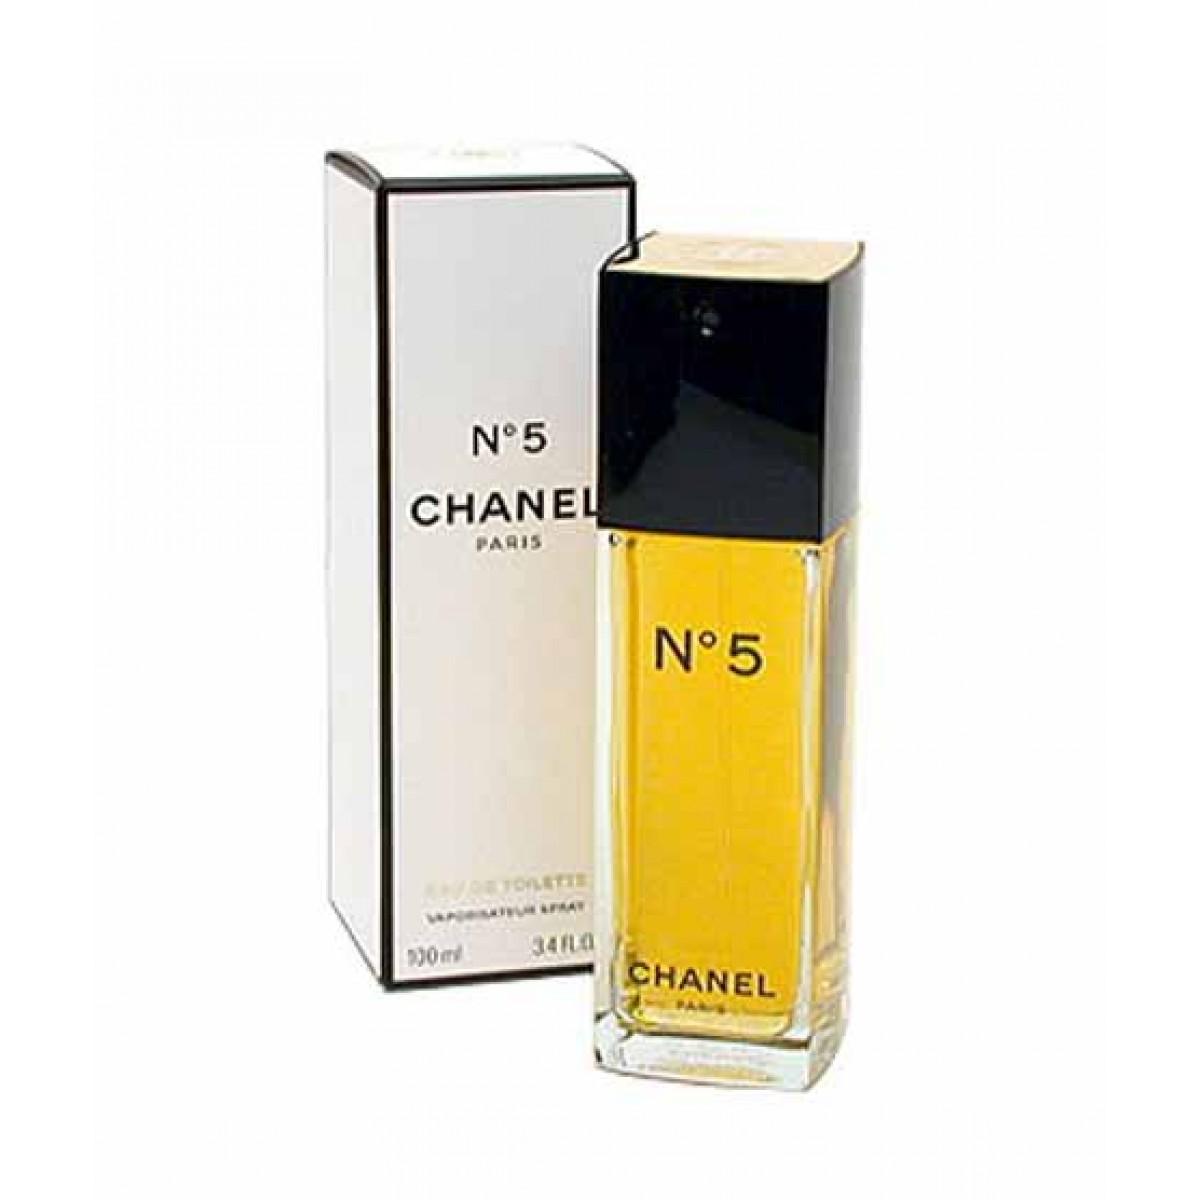 df351a3cc73 Reviews for Chanel N°5 Eau De Toilette For Women Price in Pakistan ...